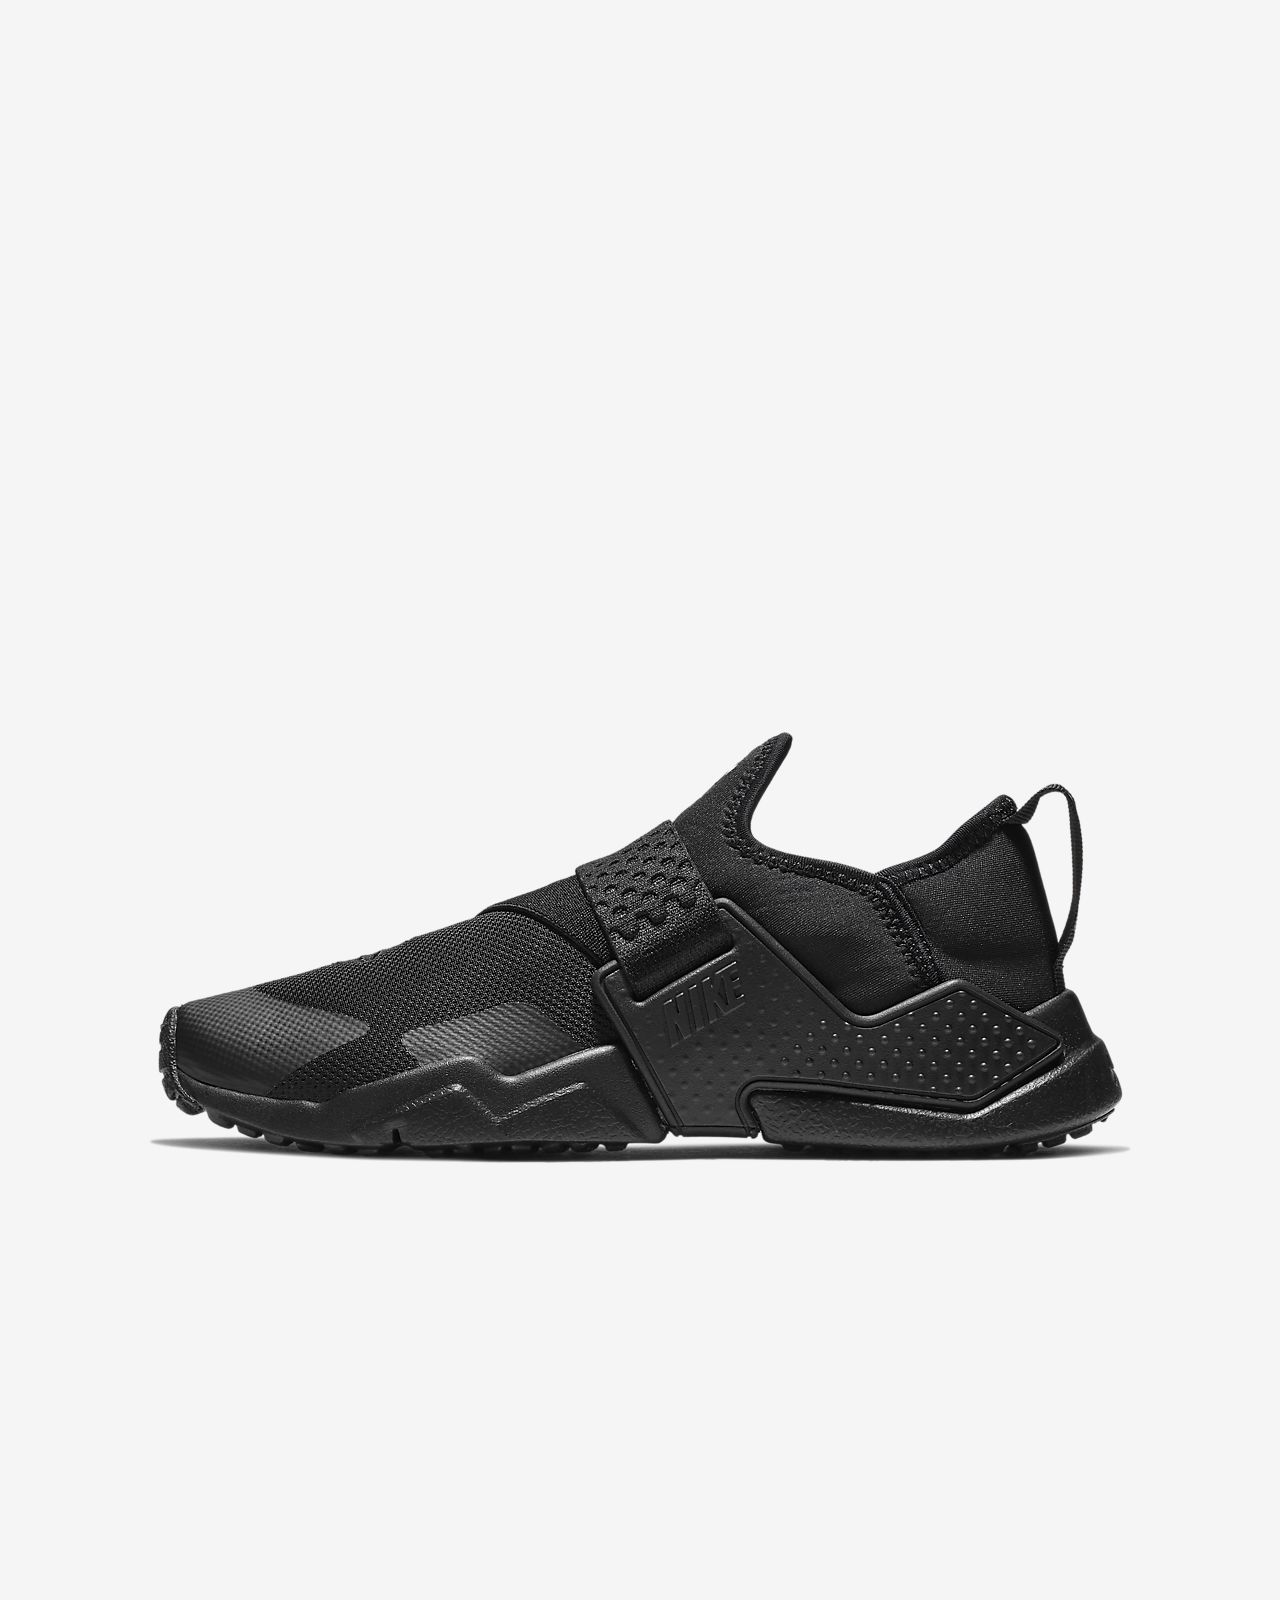 sports shoes 22000 81f23 ... Nike Huarache Extreme Big Kids  Shoe